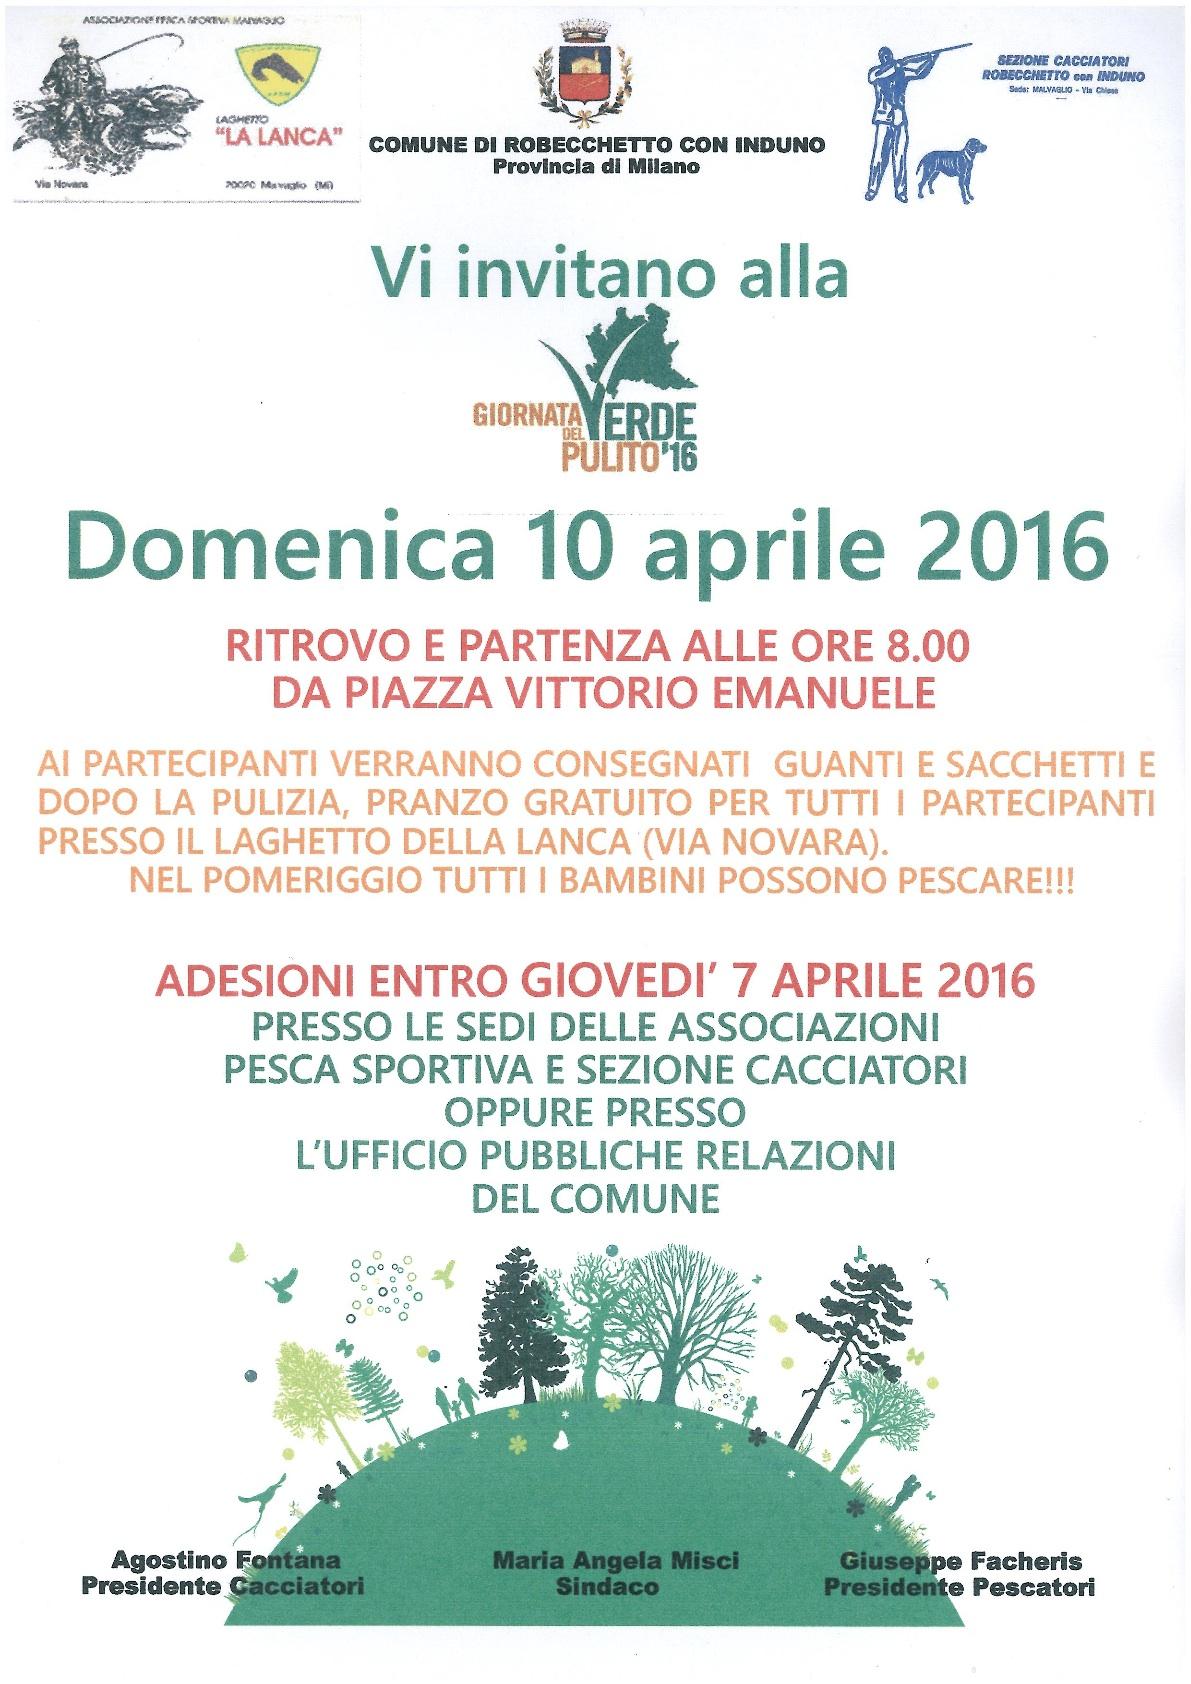 Domenica giornata del verde pulito corriere alto milanese for Pulizia laghetto